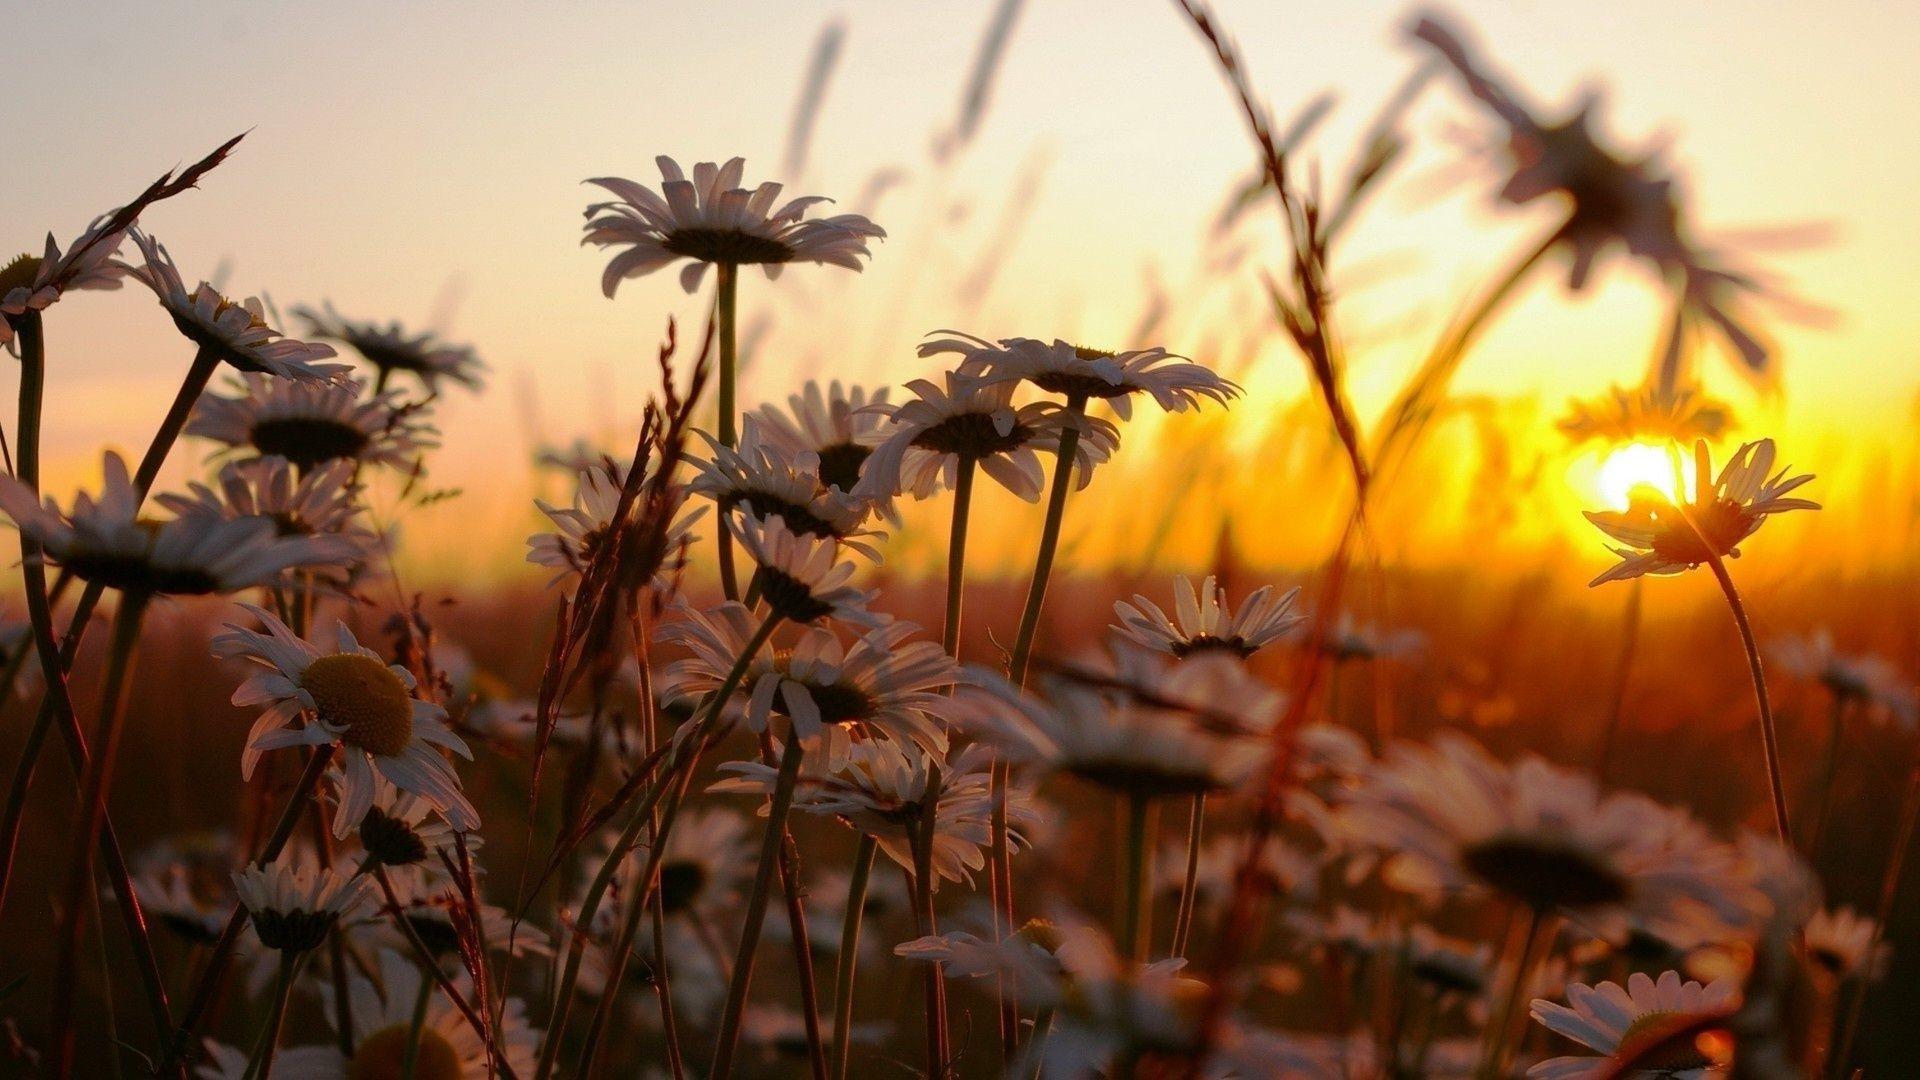 природа цветы трава мельниц восход солнце  № 2556615  скачать